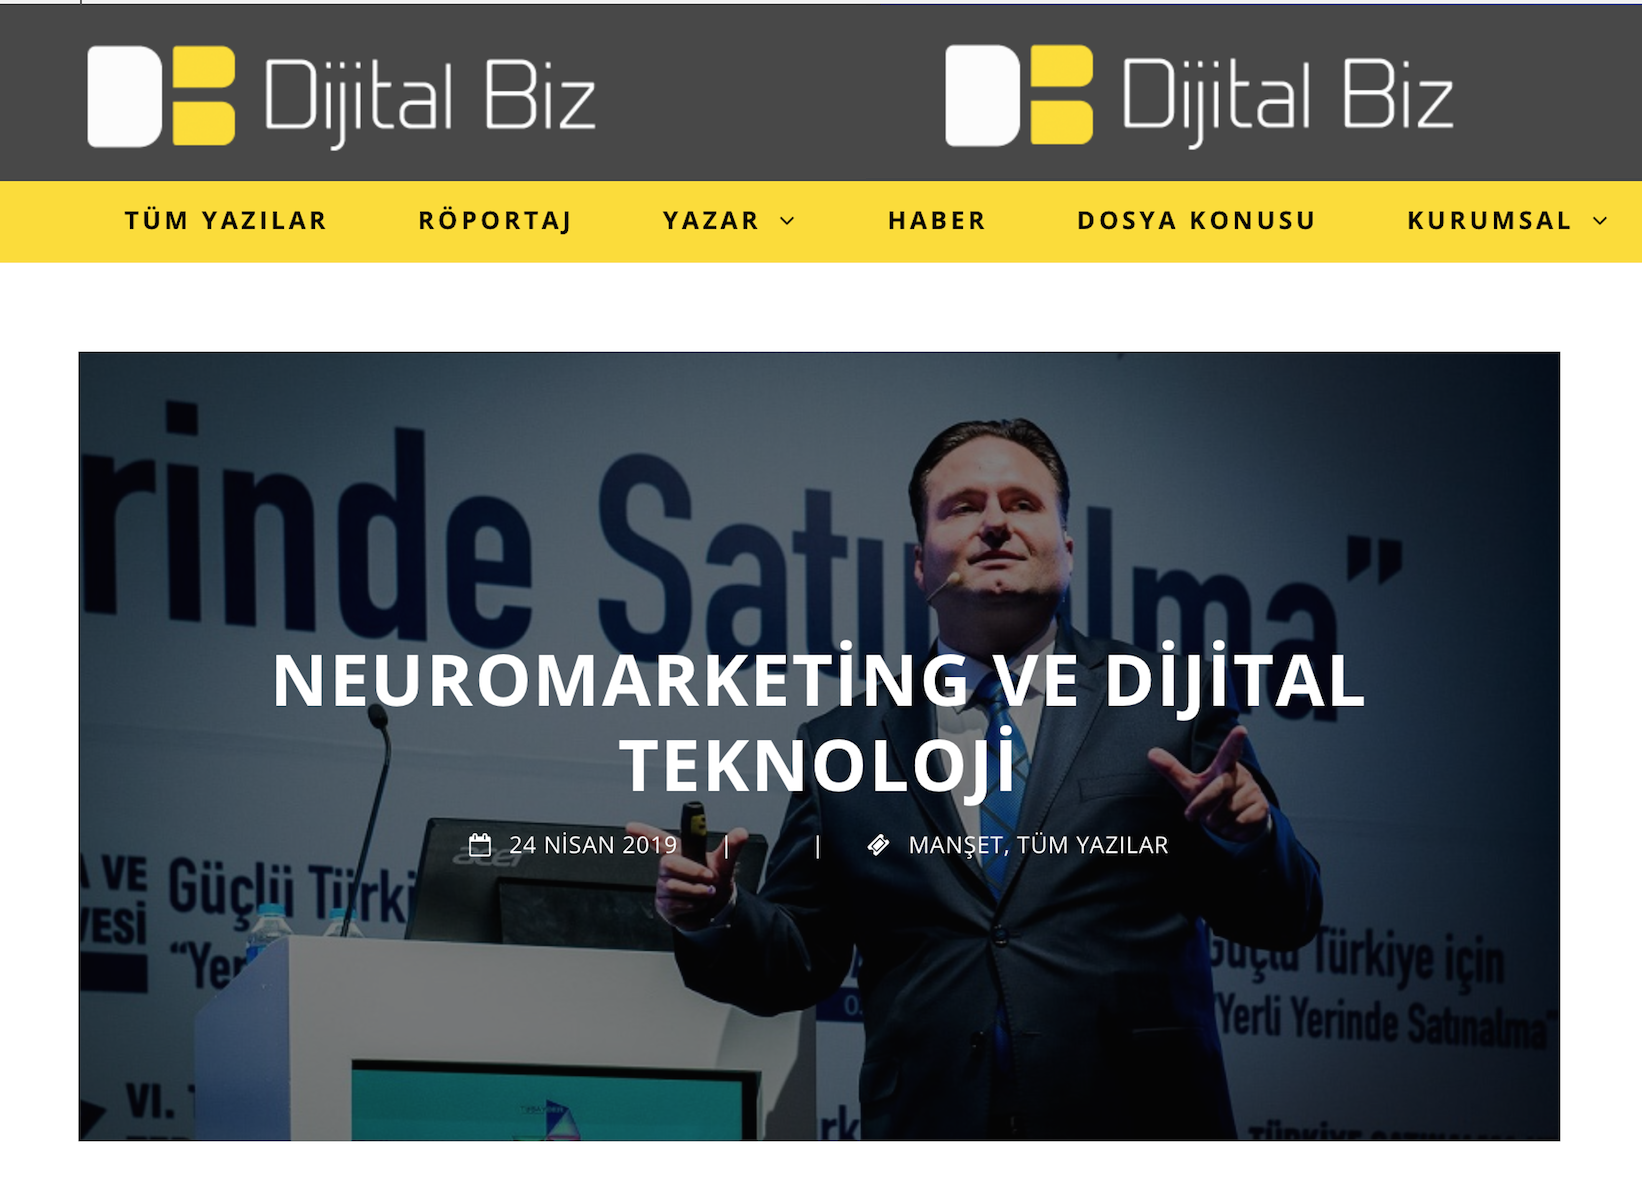 Şenol VATANSEVER & Serkan UYGUR Dijital Biz Neuromarketing